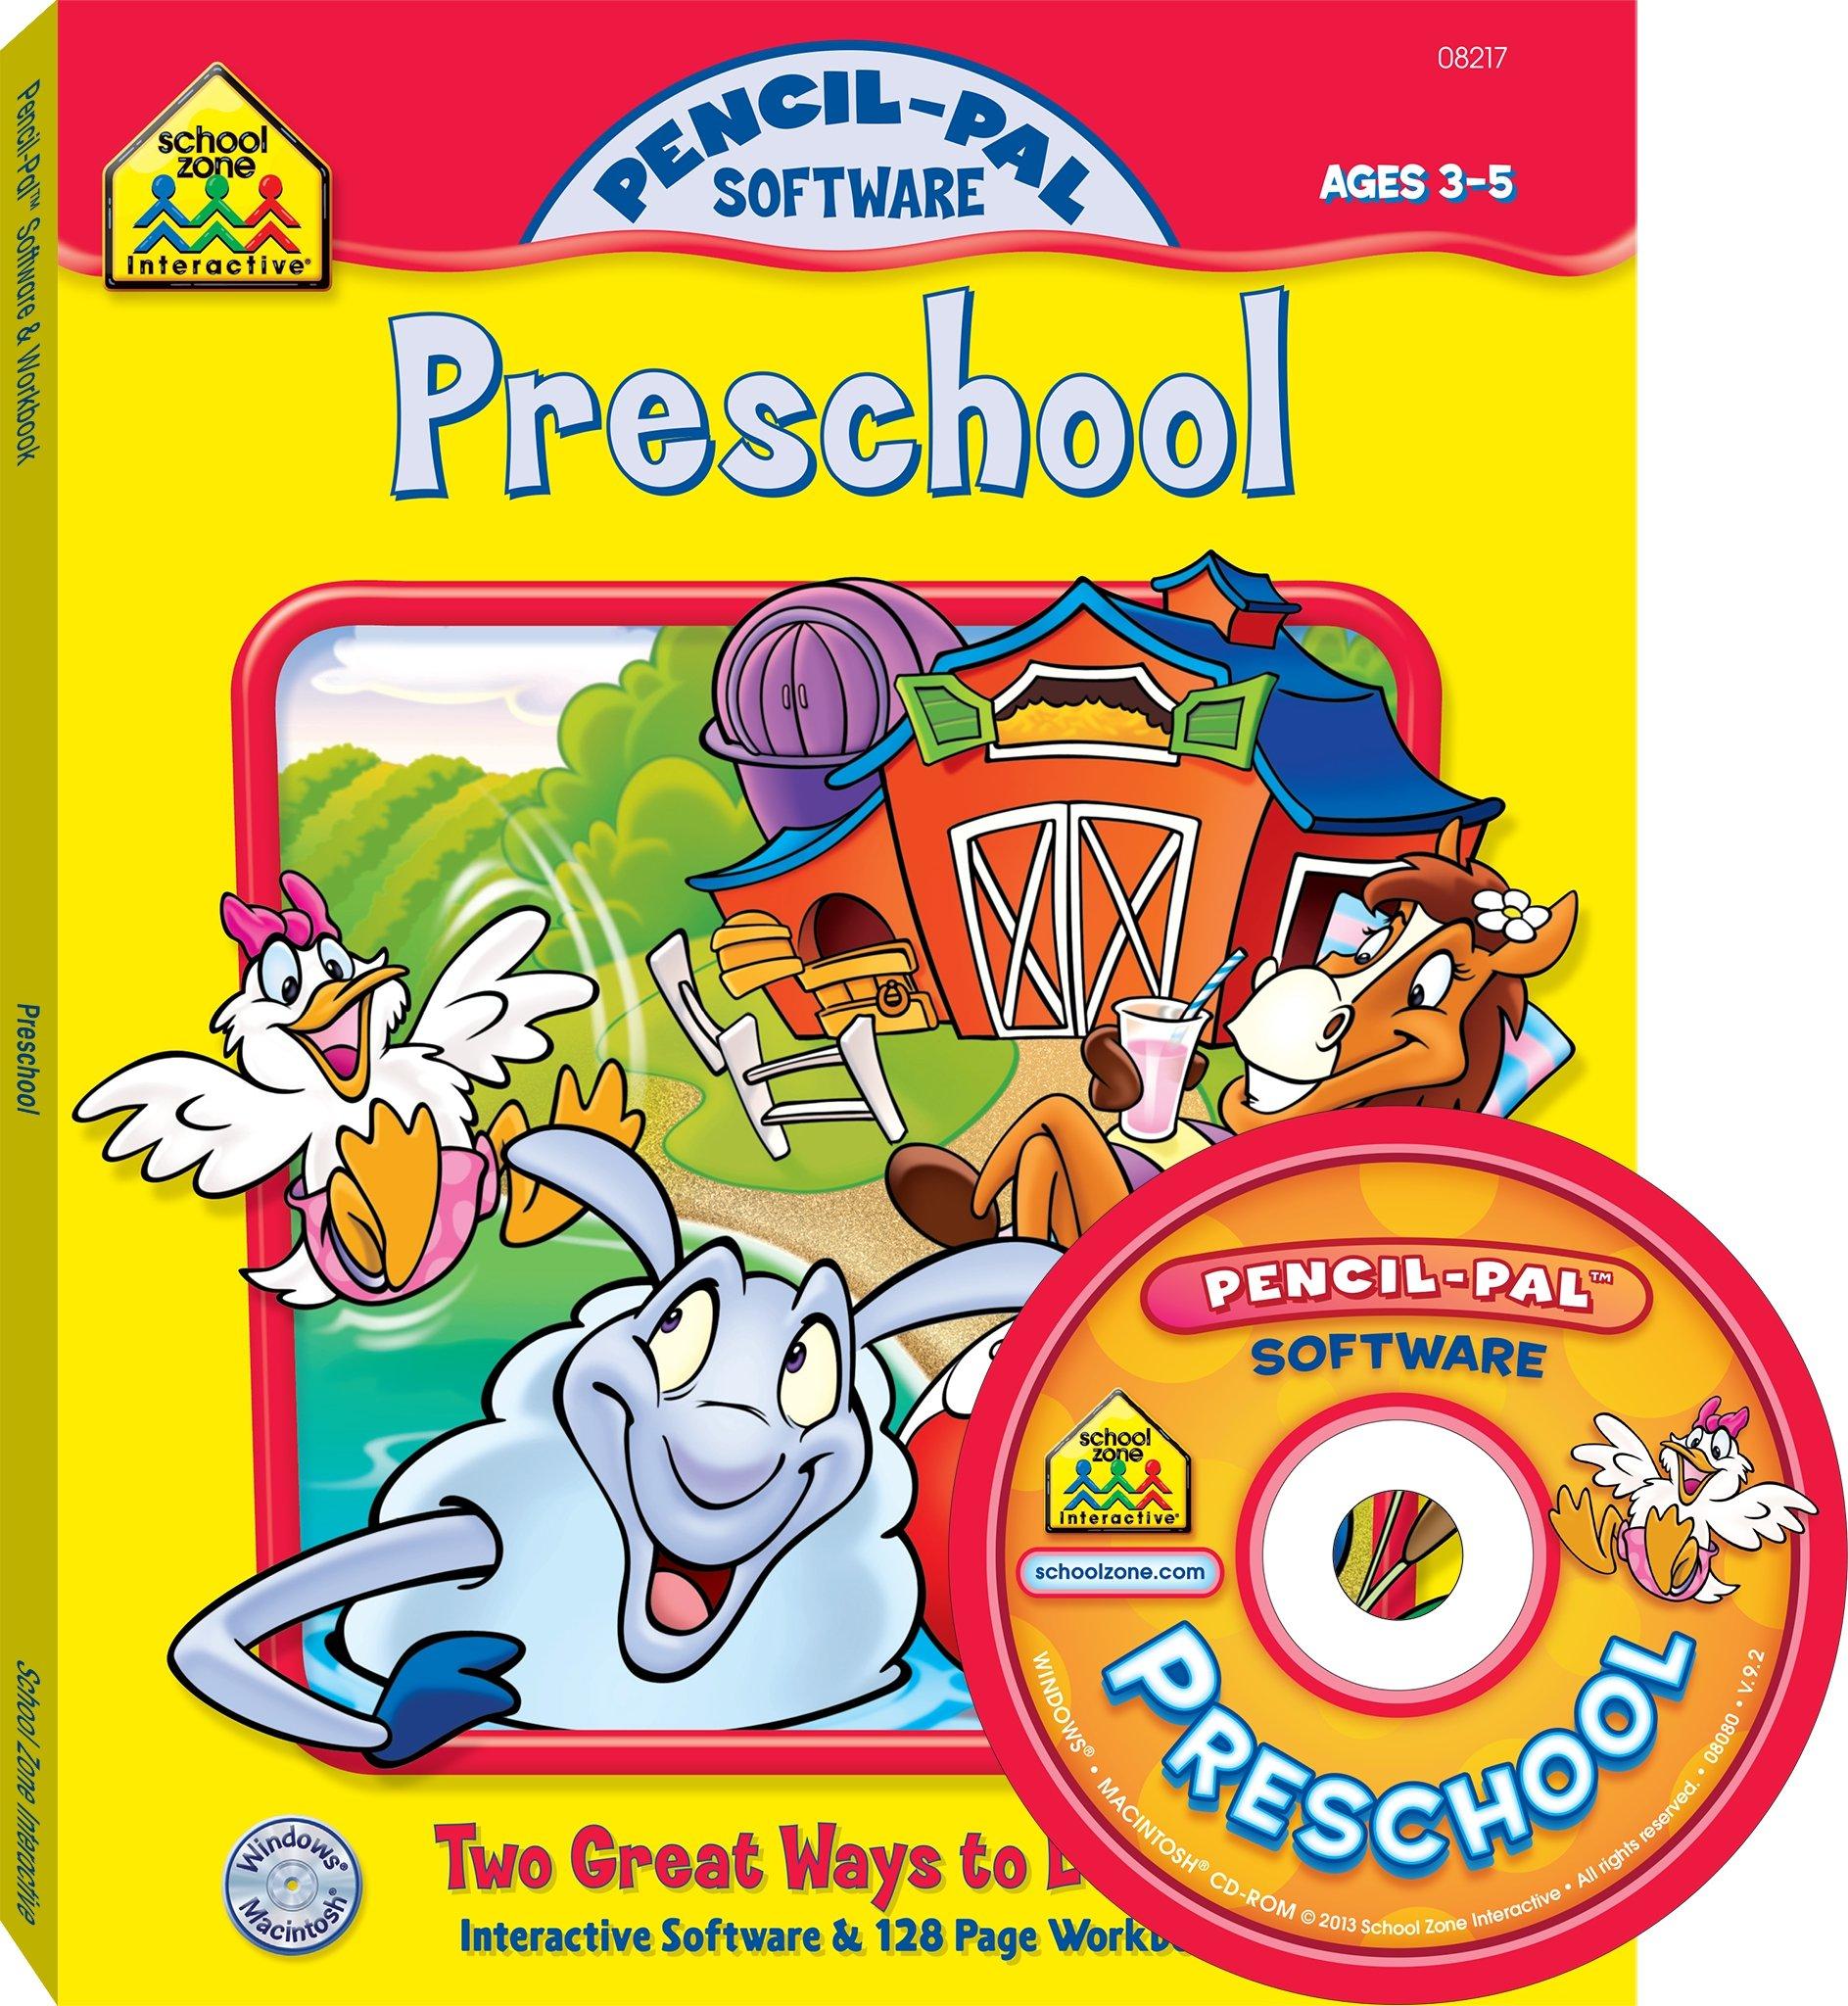 Pencil-Pal Preschool (Pencil-Pal Software)